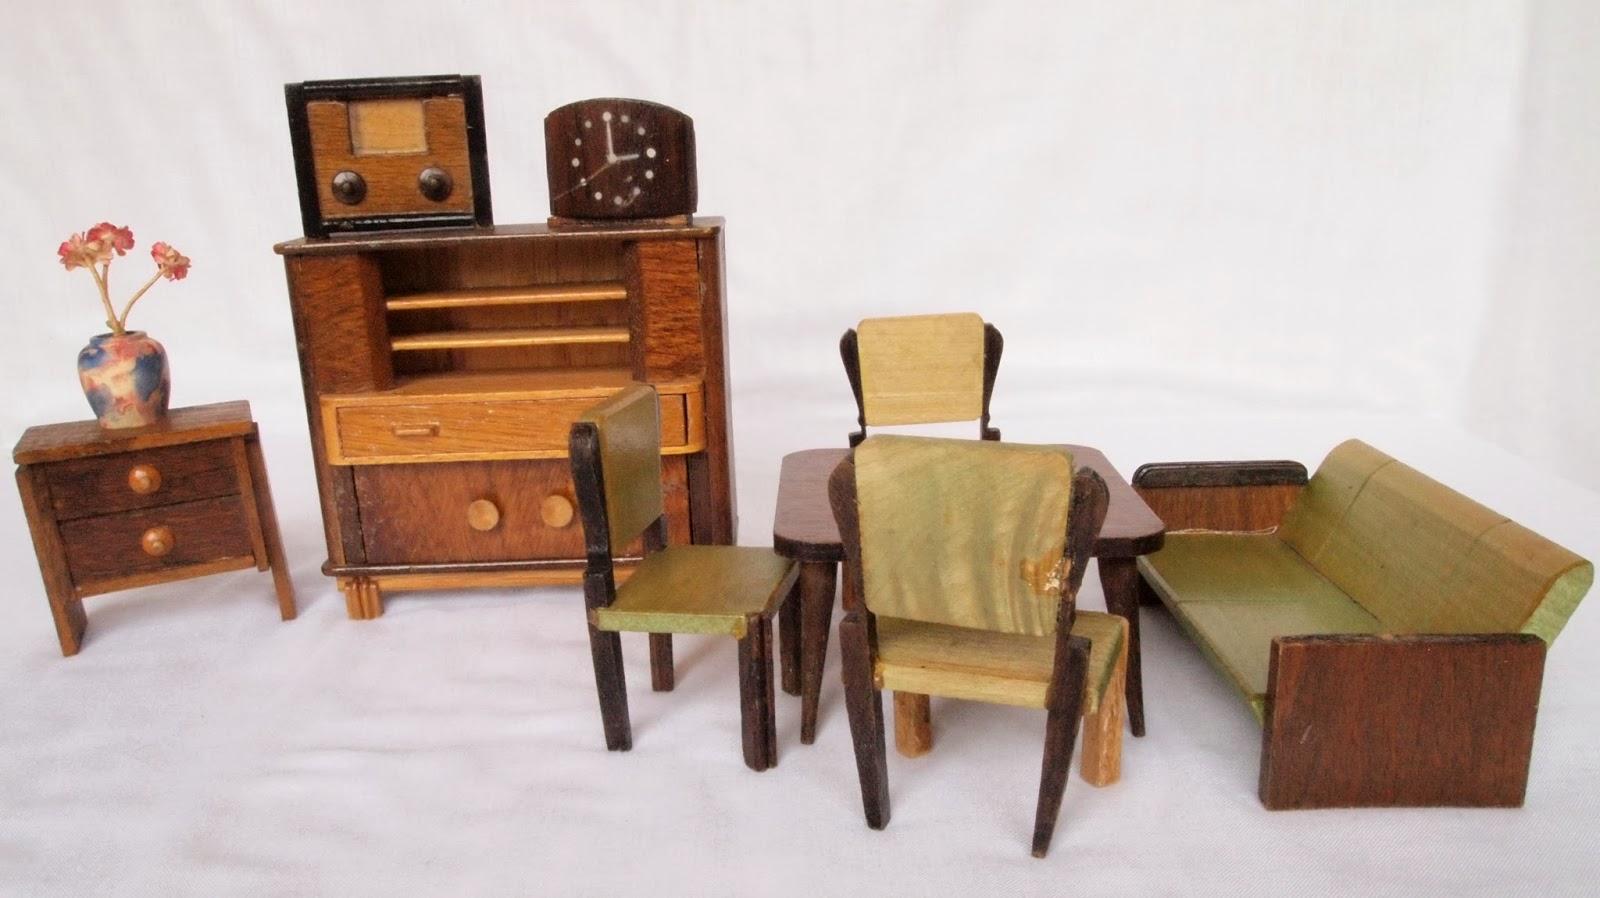 Diepuppenstubensammlerin 1950er wohnzimmer r lke 50s for Wohnzimmer 1950